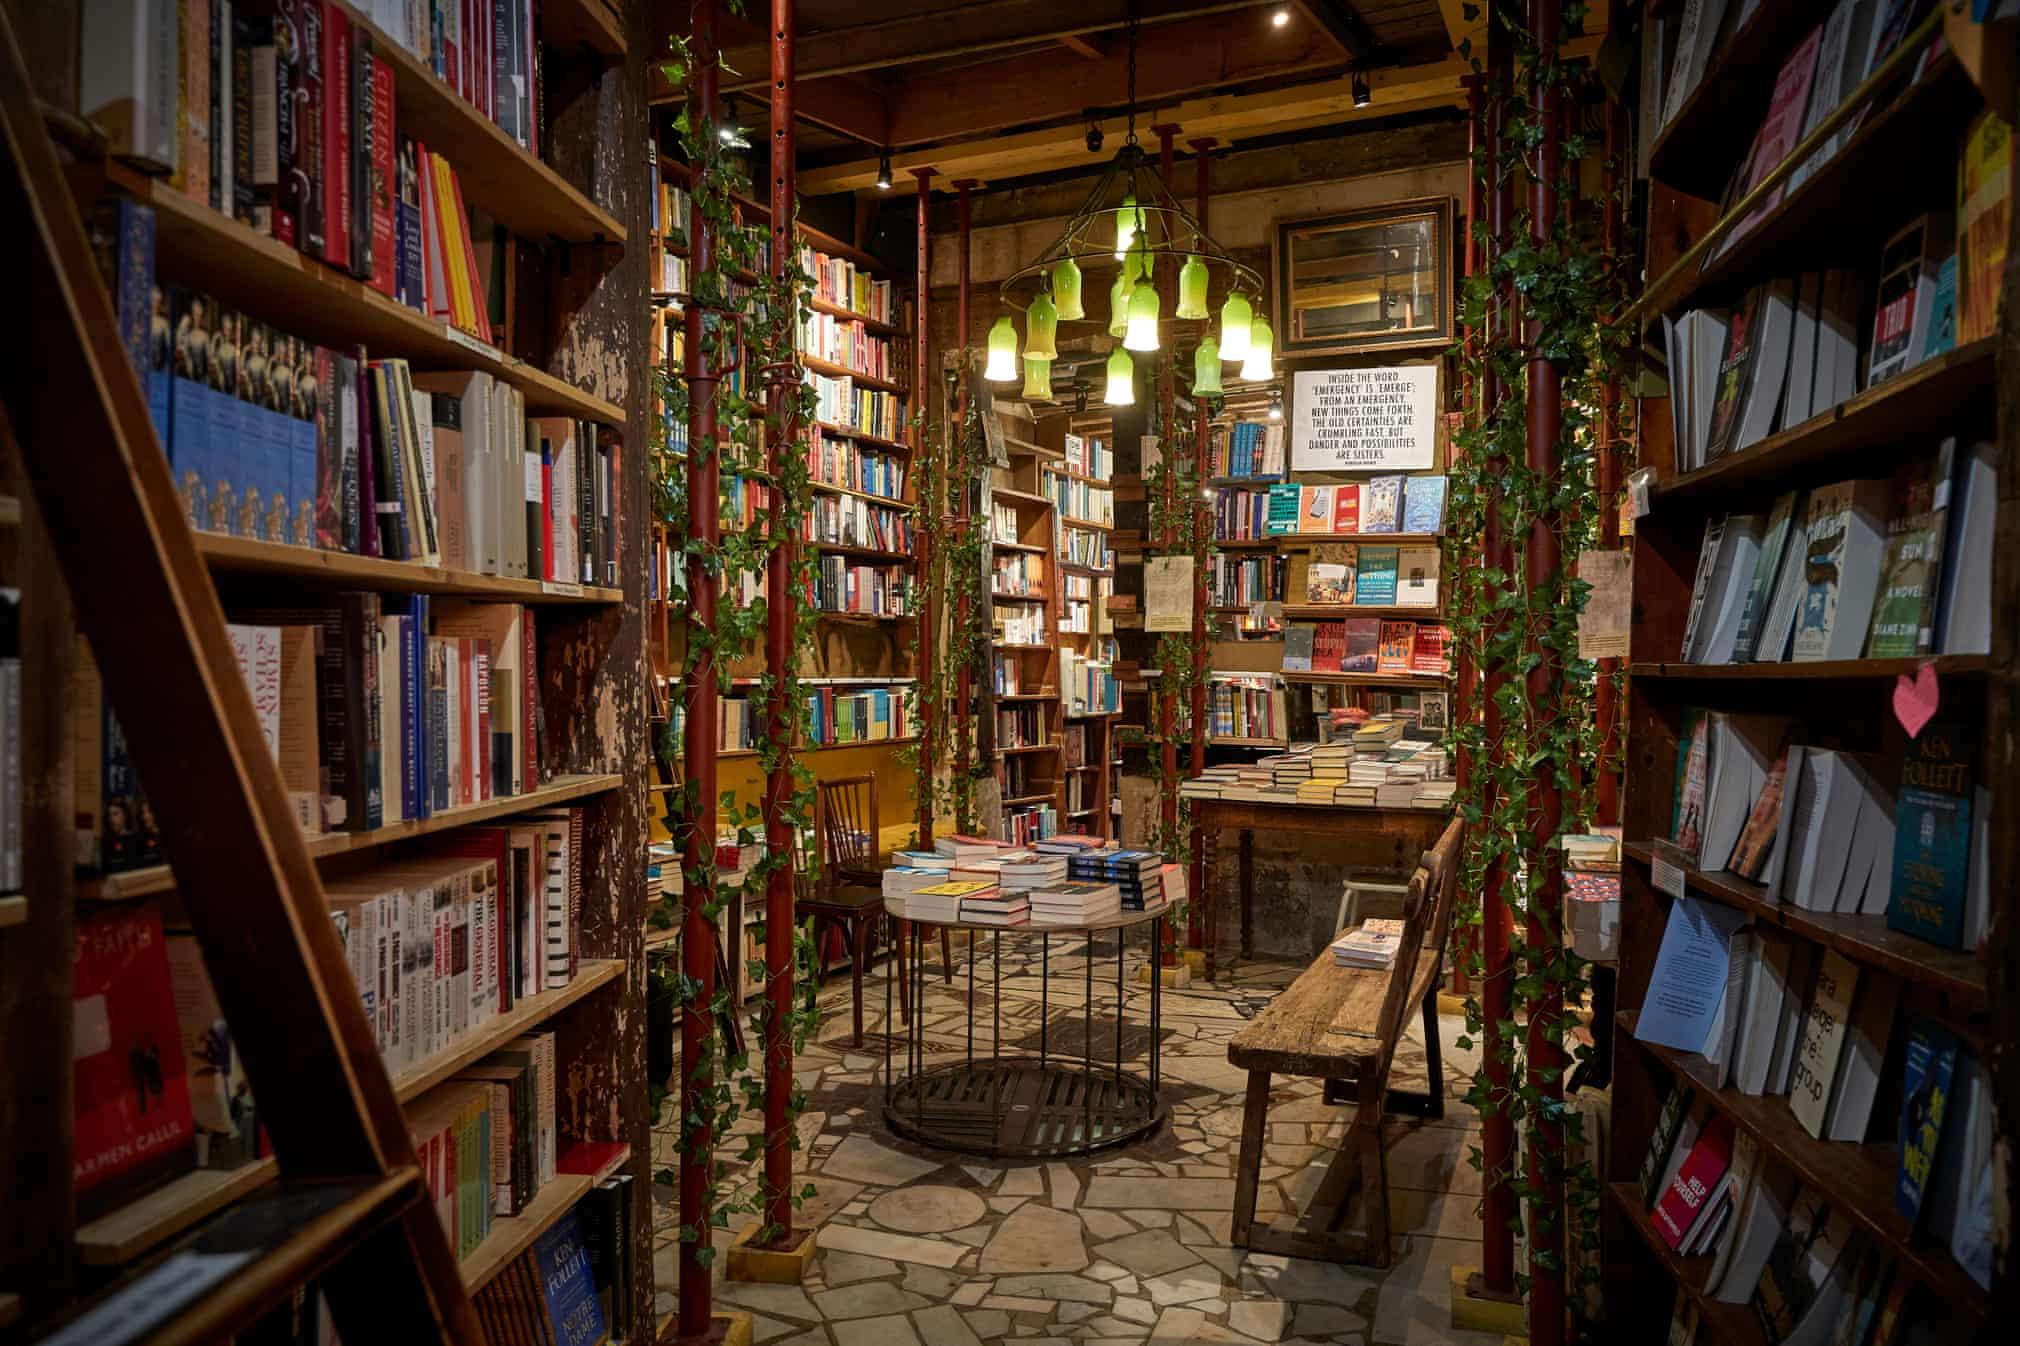 """Ο Γουίτμαν είχε οραματιστεί το βιβλιοπωλείο του ως μία """"σοσιαλτικ"""